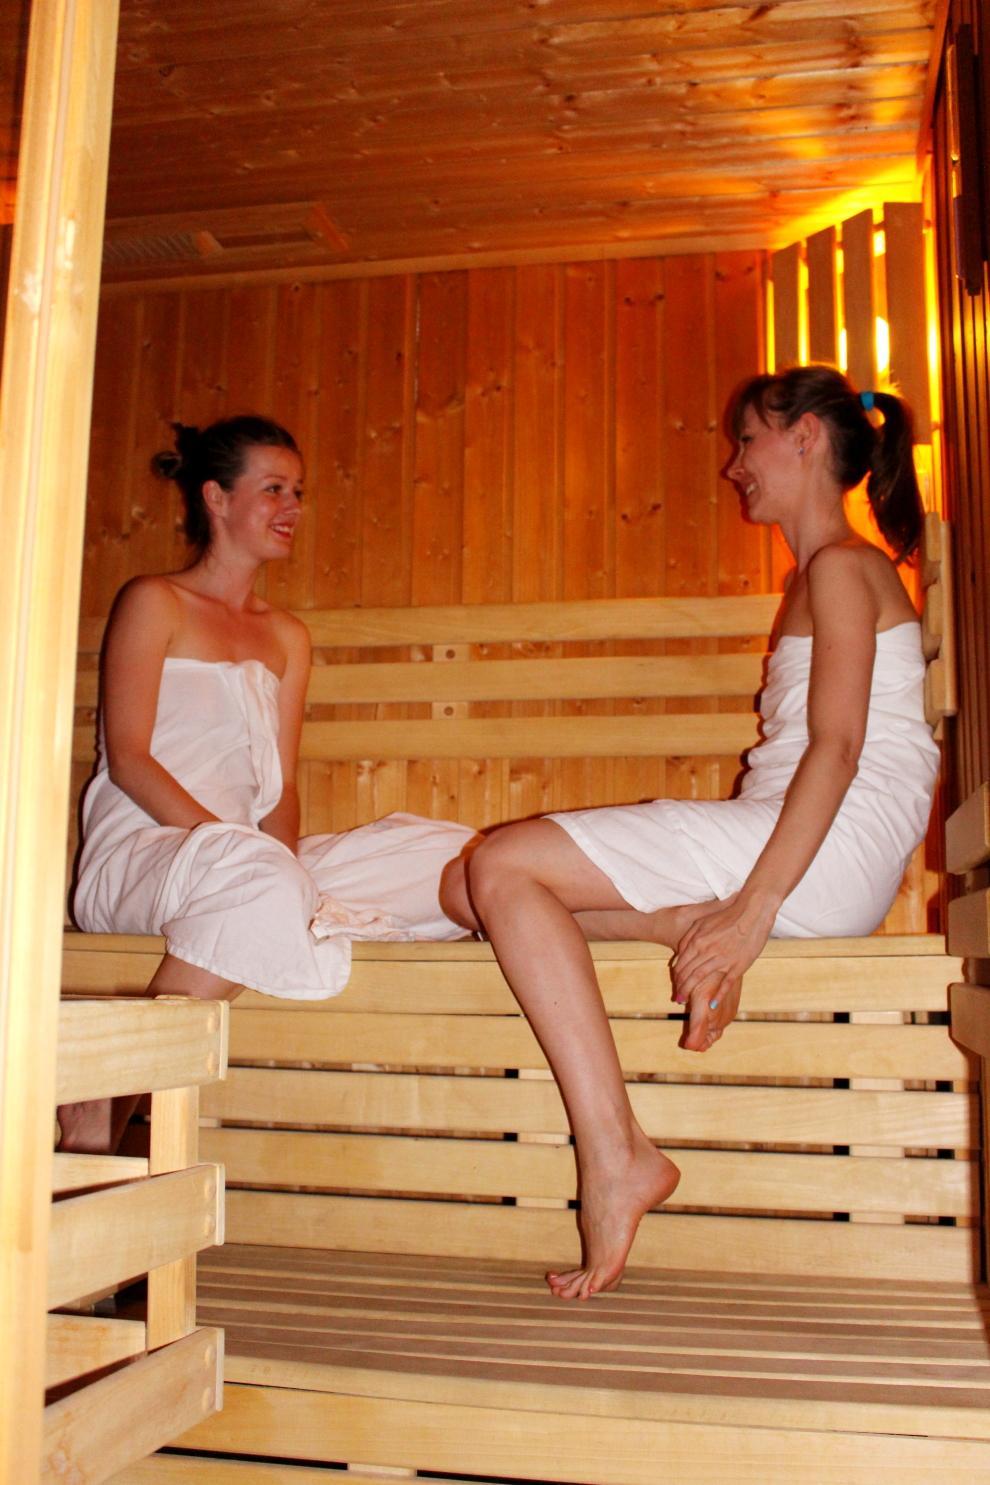 Health Spa - spoločné wellness zážitky